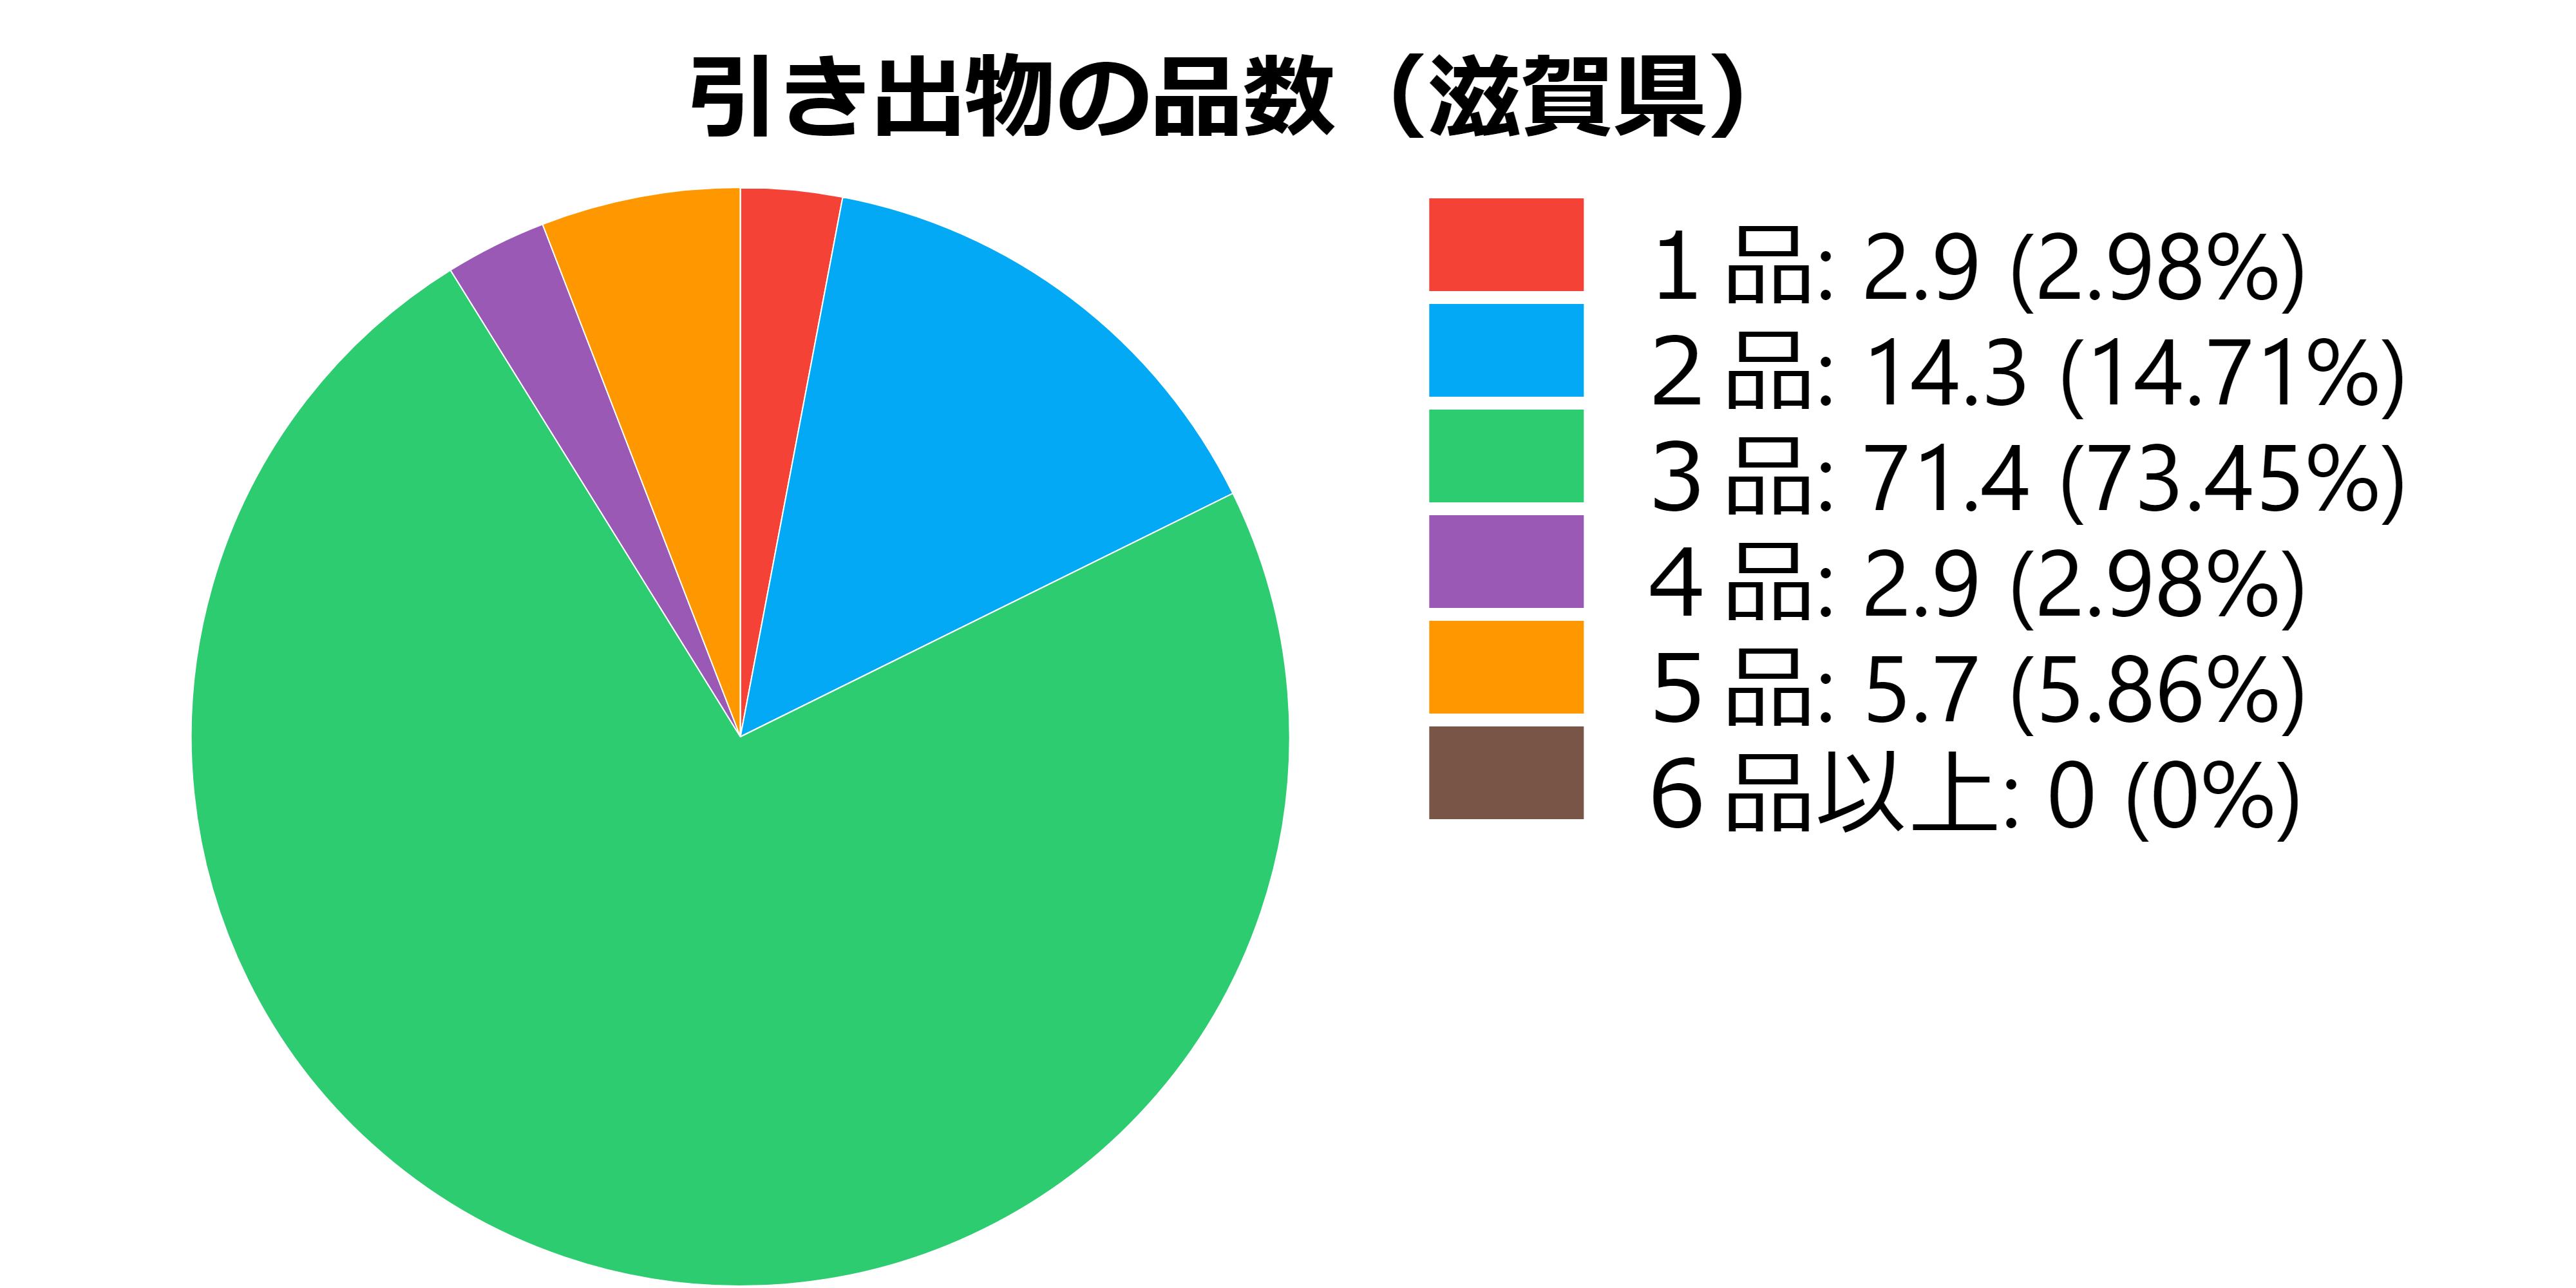 品数(滋賀県)